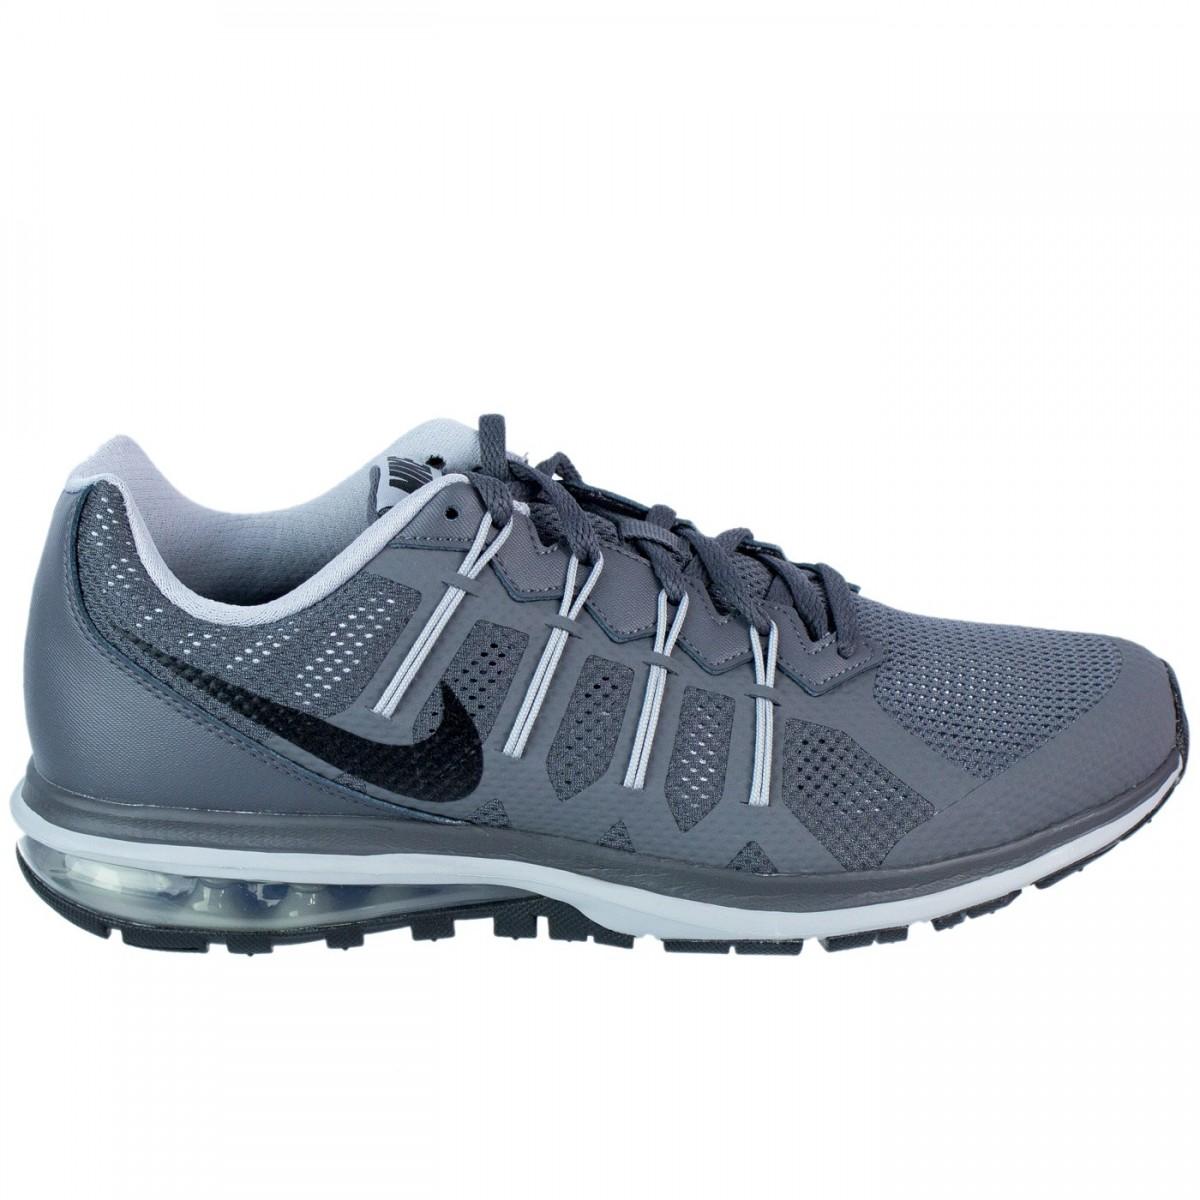 sports shoes 7c8c6 d6da5 Bizz Store - Tênis Masculino Nike Air Max Dynasty Preto 8191